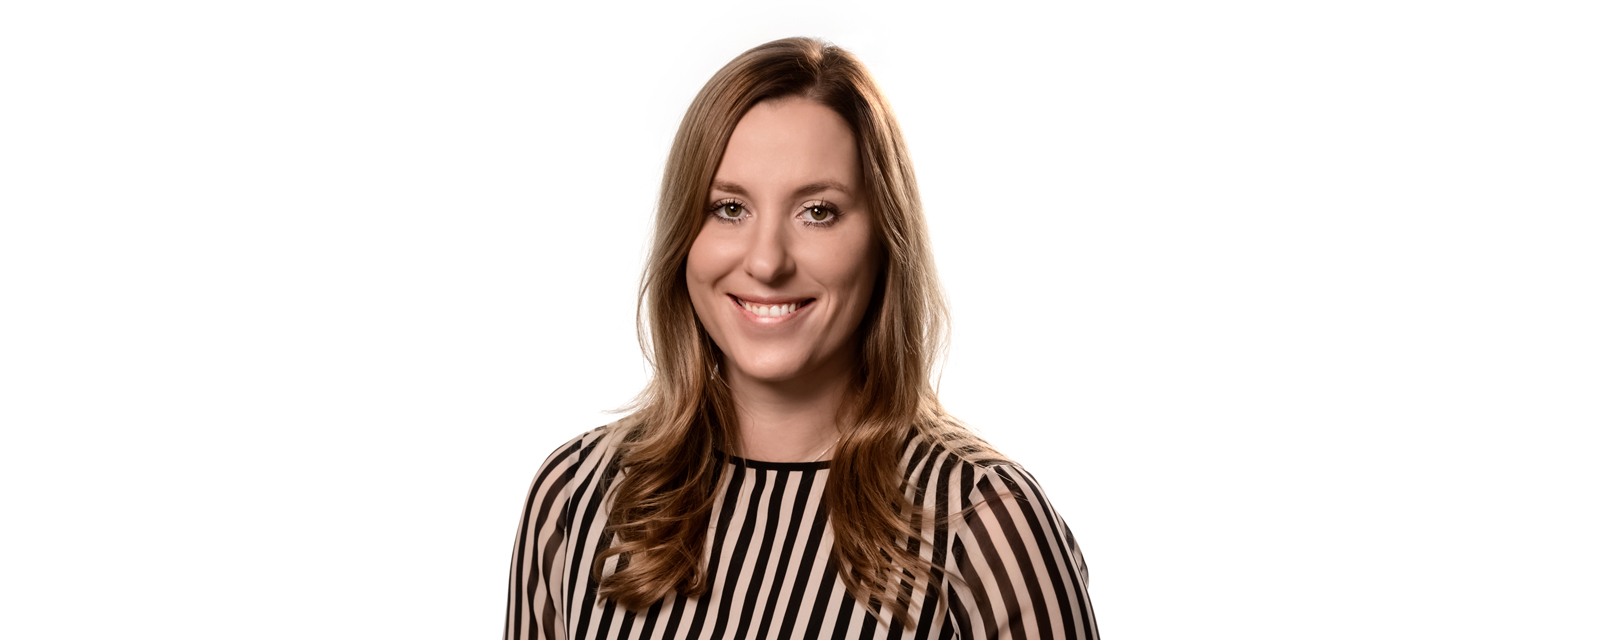 Rechtsanwältin Stefanie Beier, Expertin für Arbeitsrecht und Datenschutz für Arztpraxen.